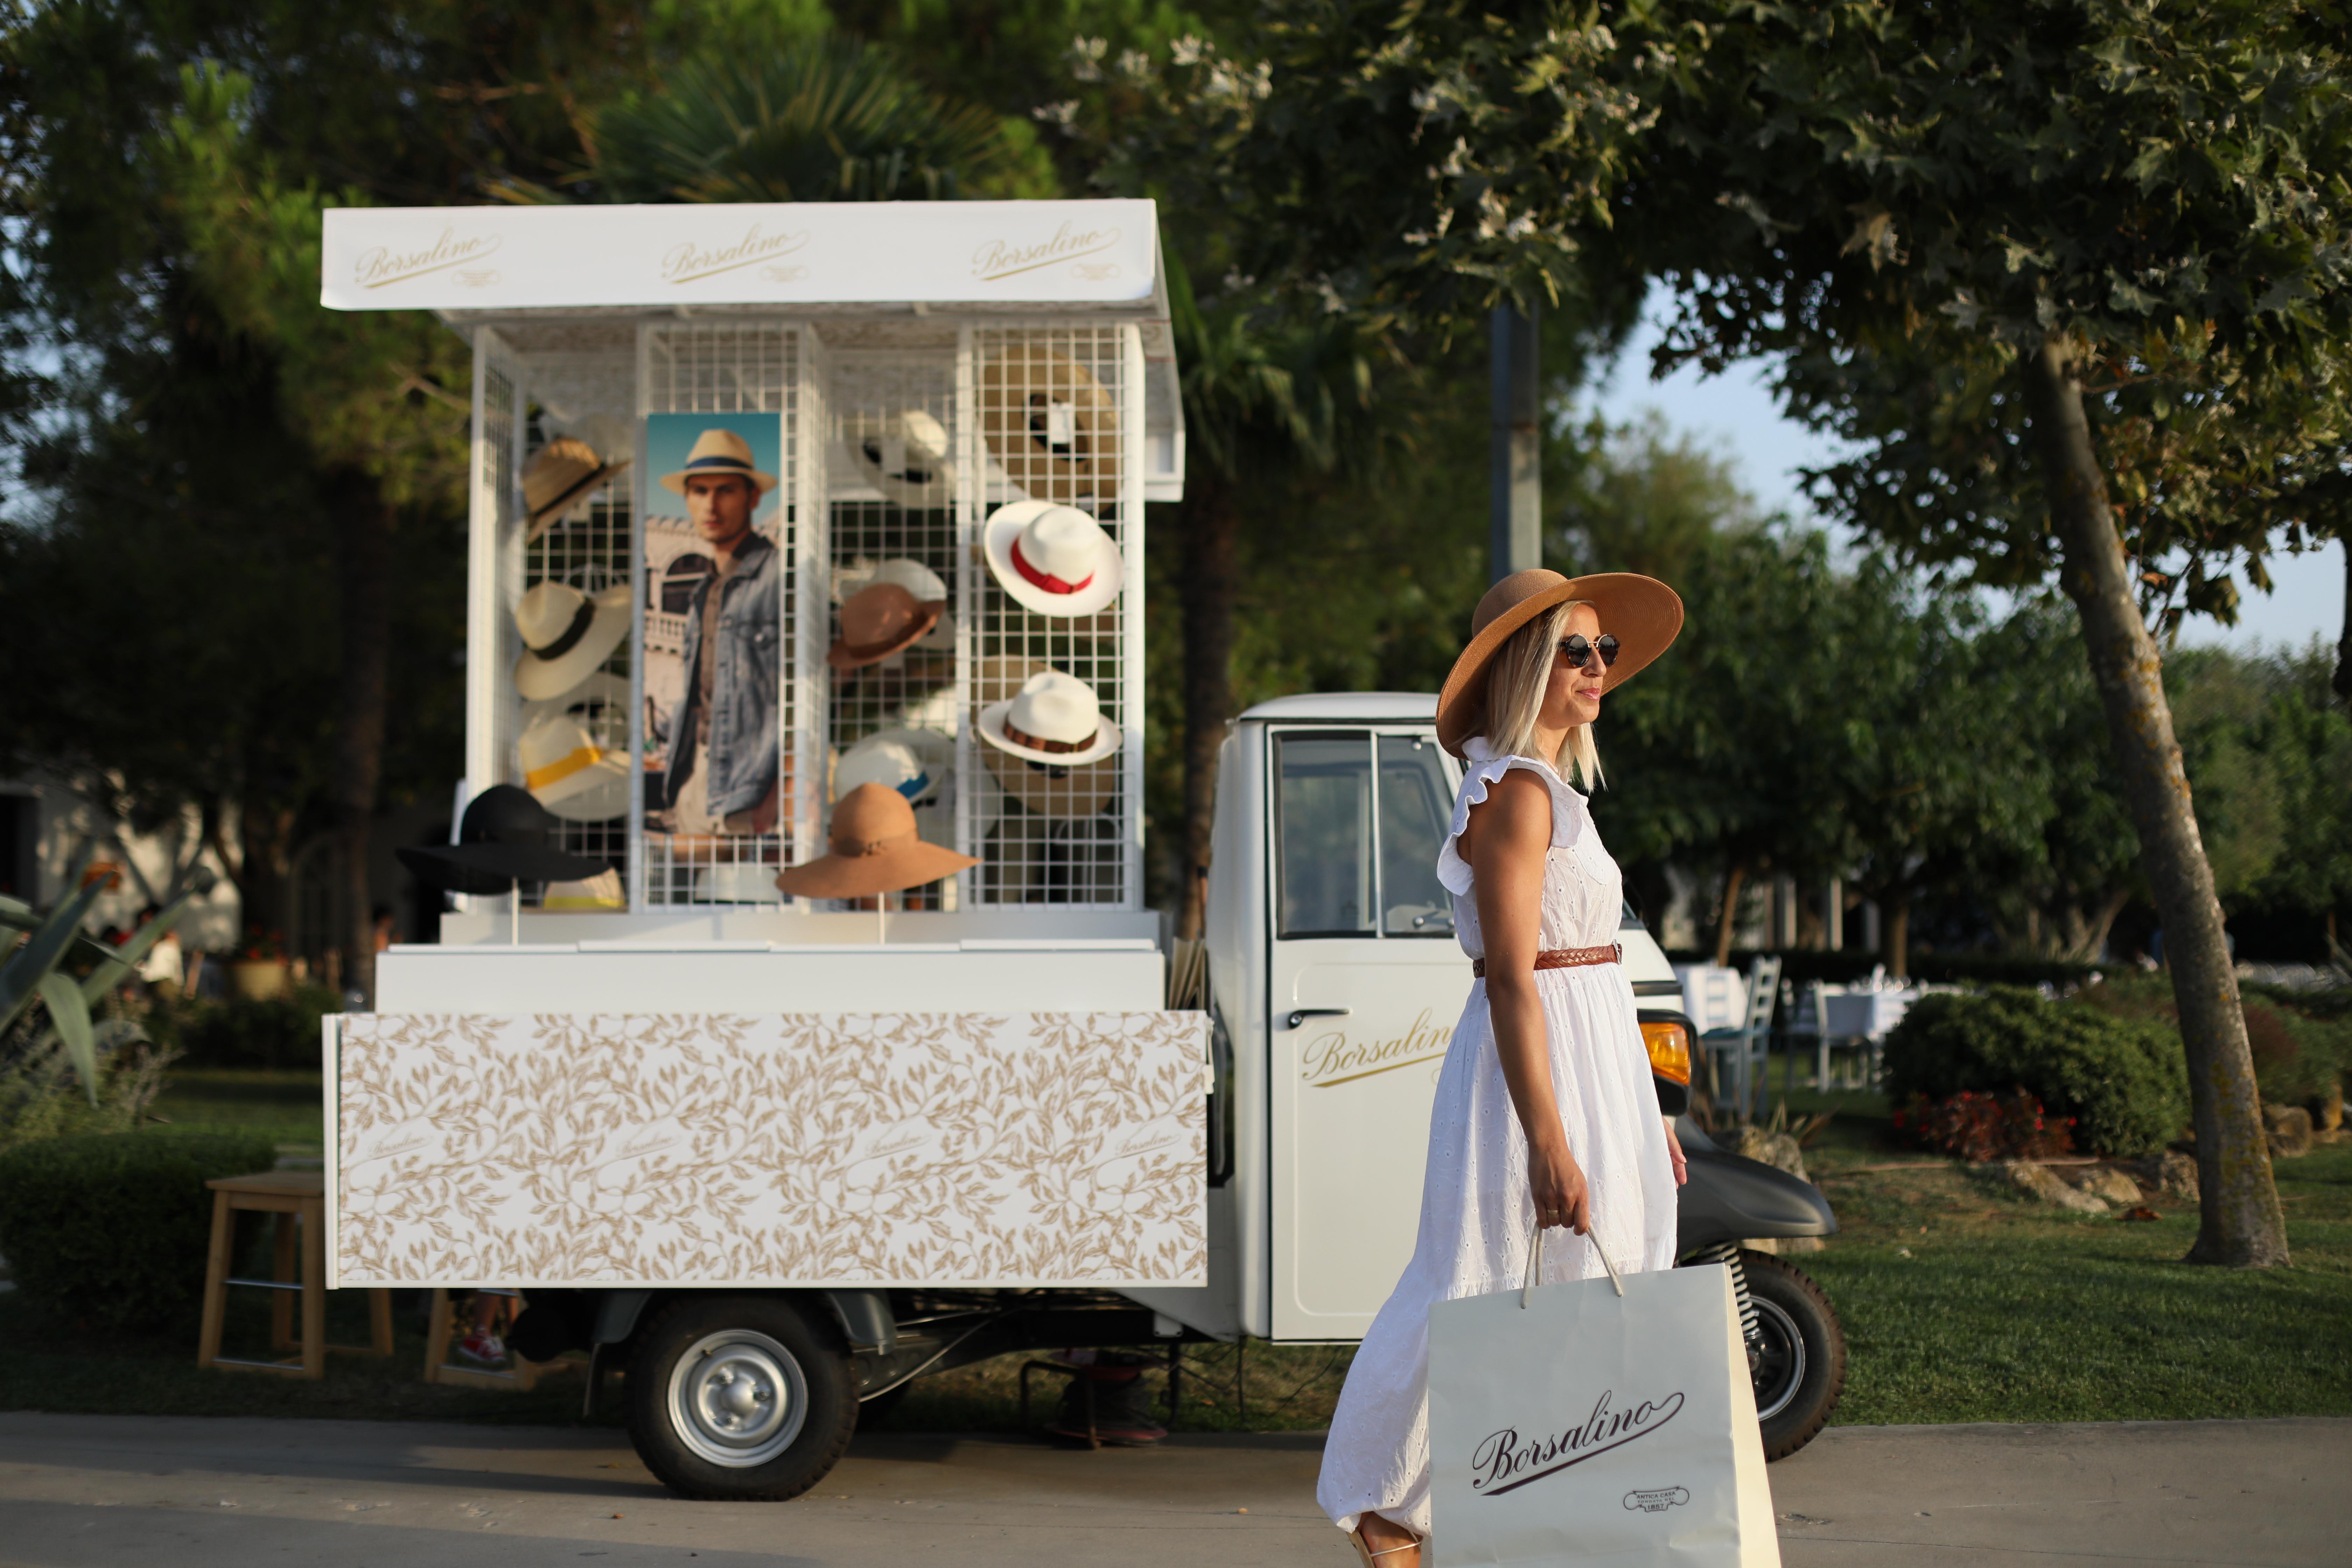 Το νέο τρίτροχο Pop-Up store της Borsalino κάνει πρεμιέρα στην Ελλάδα Λίγο μετά τα εγκαίνια των δύο μπουτίκ της στη Μύκονο και στο Saint Tropez, η Borsalino καταφθάνει αυτό το καλοκαίρι στο πολυτελές 5 αστέρων Sani Resort στην Ελλάδα, εγκαινιάζοντας ένα ανεπανάληπτο Pop-Up store πάνω σε ένα Piaggio Ape.